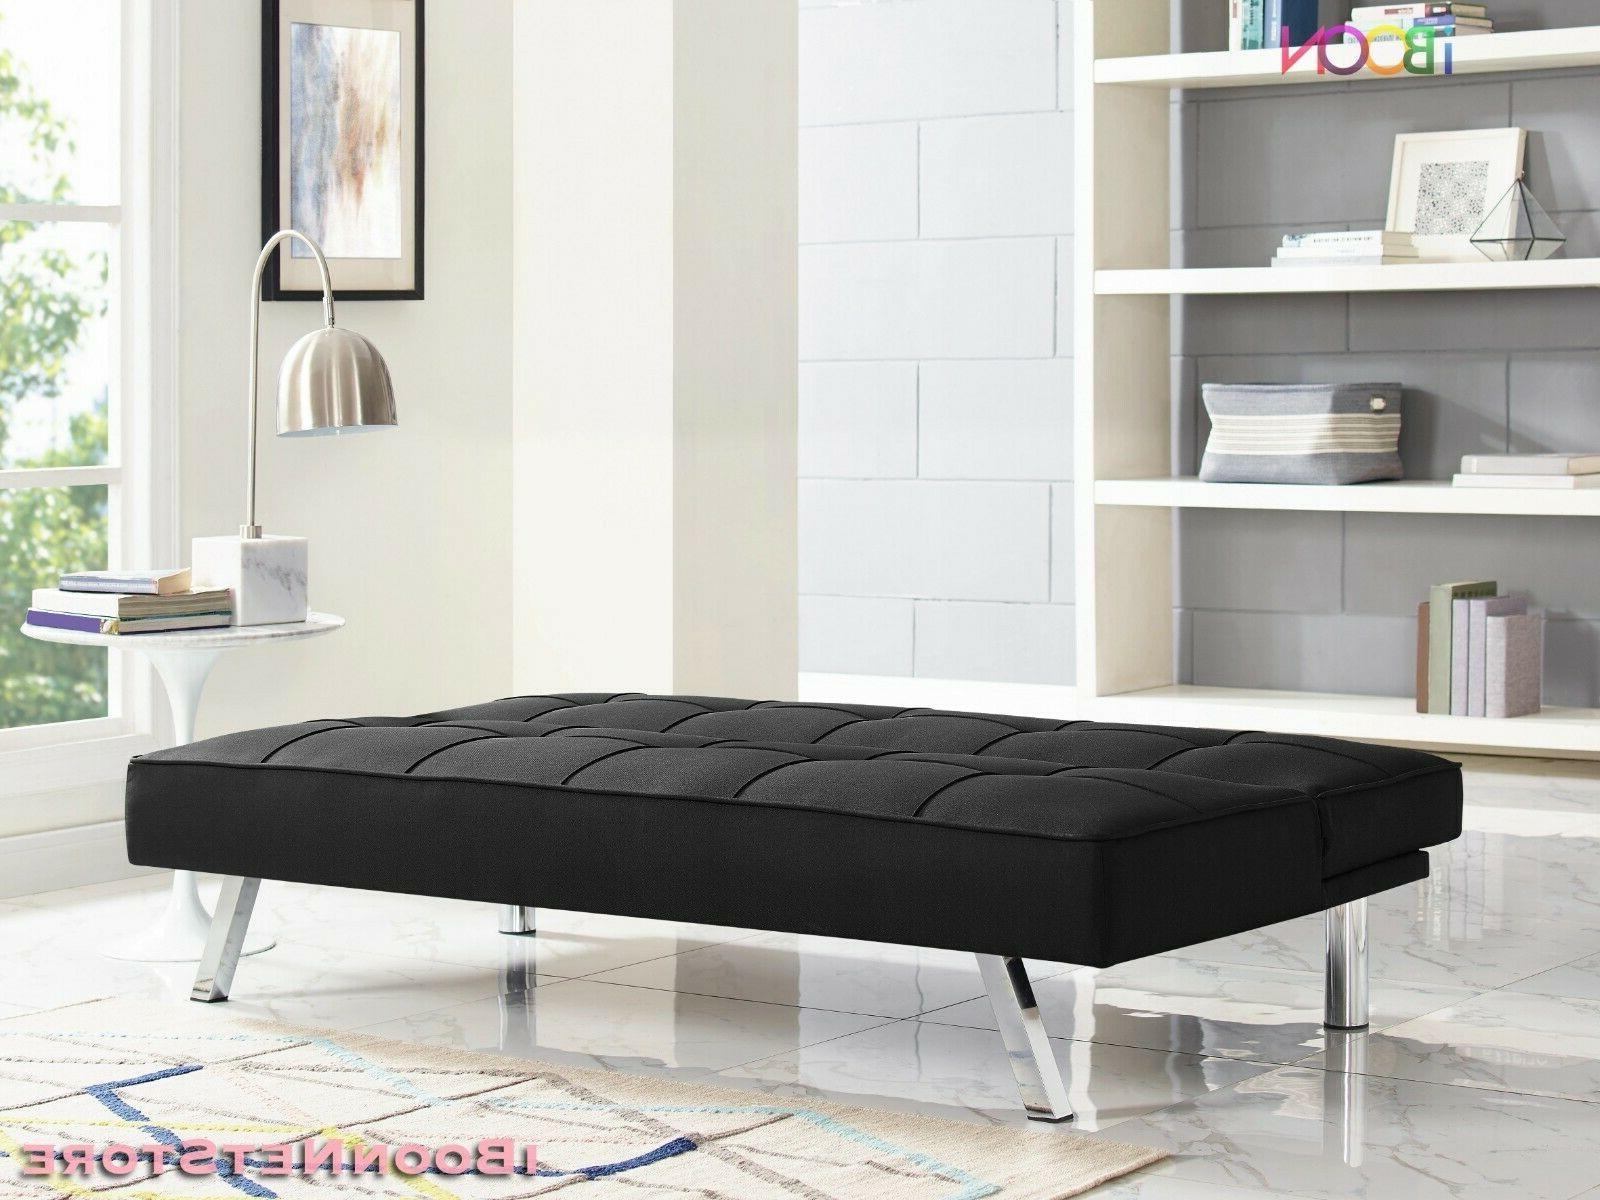 Futon Convertible 3 Seat Foldable Mattress